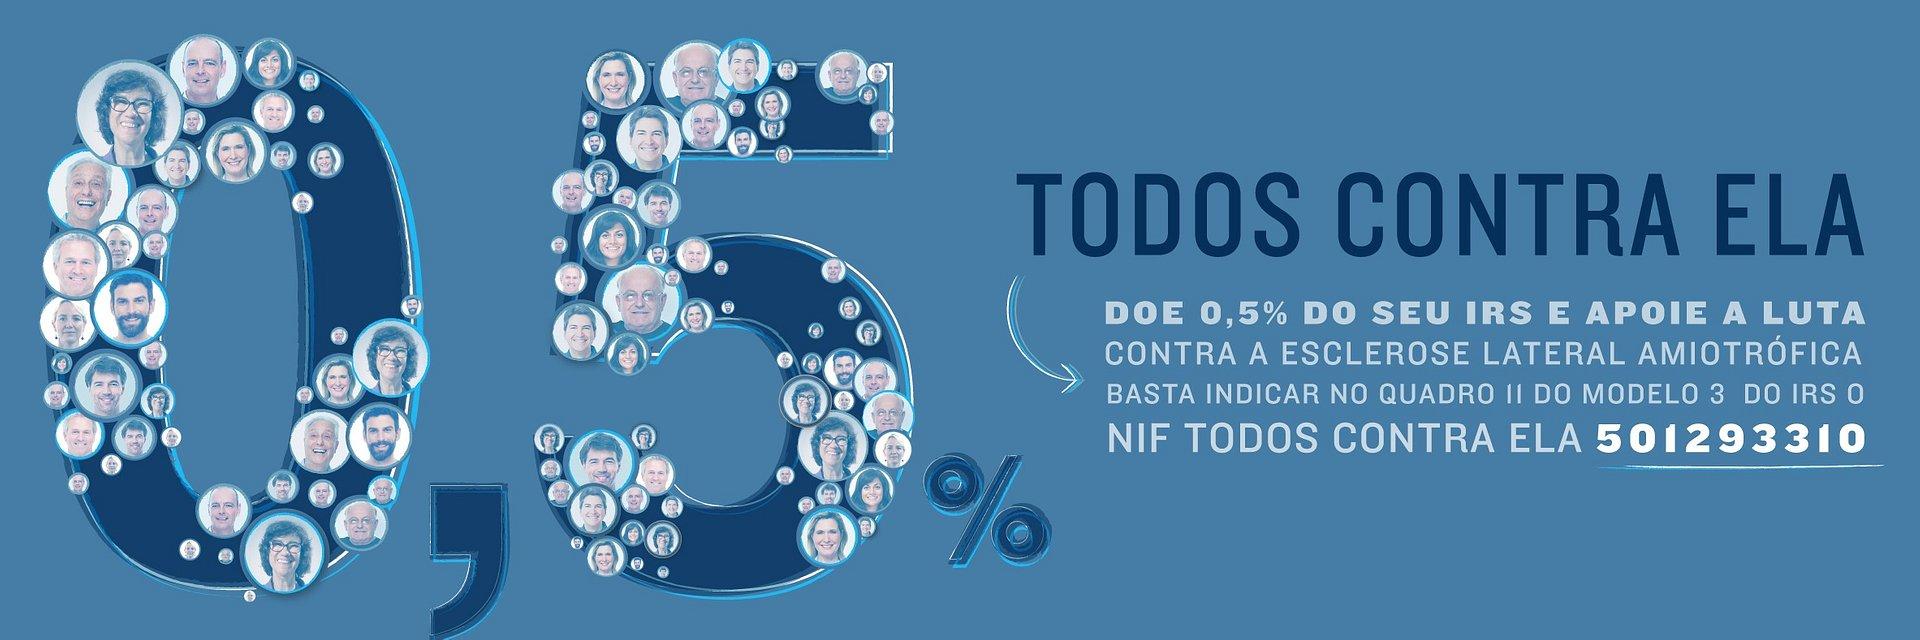 Consignação do IRS ajuda movimento Todos Contra ELA/Liga dos Amigos do Hospital de Santo António